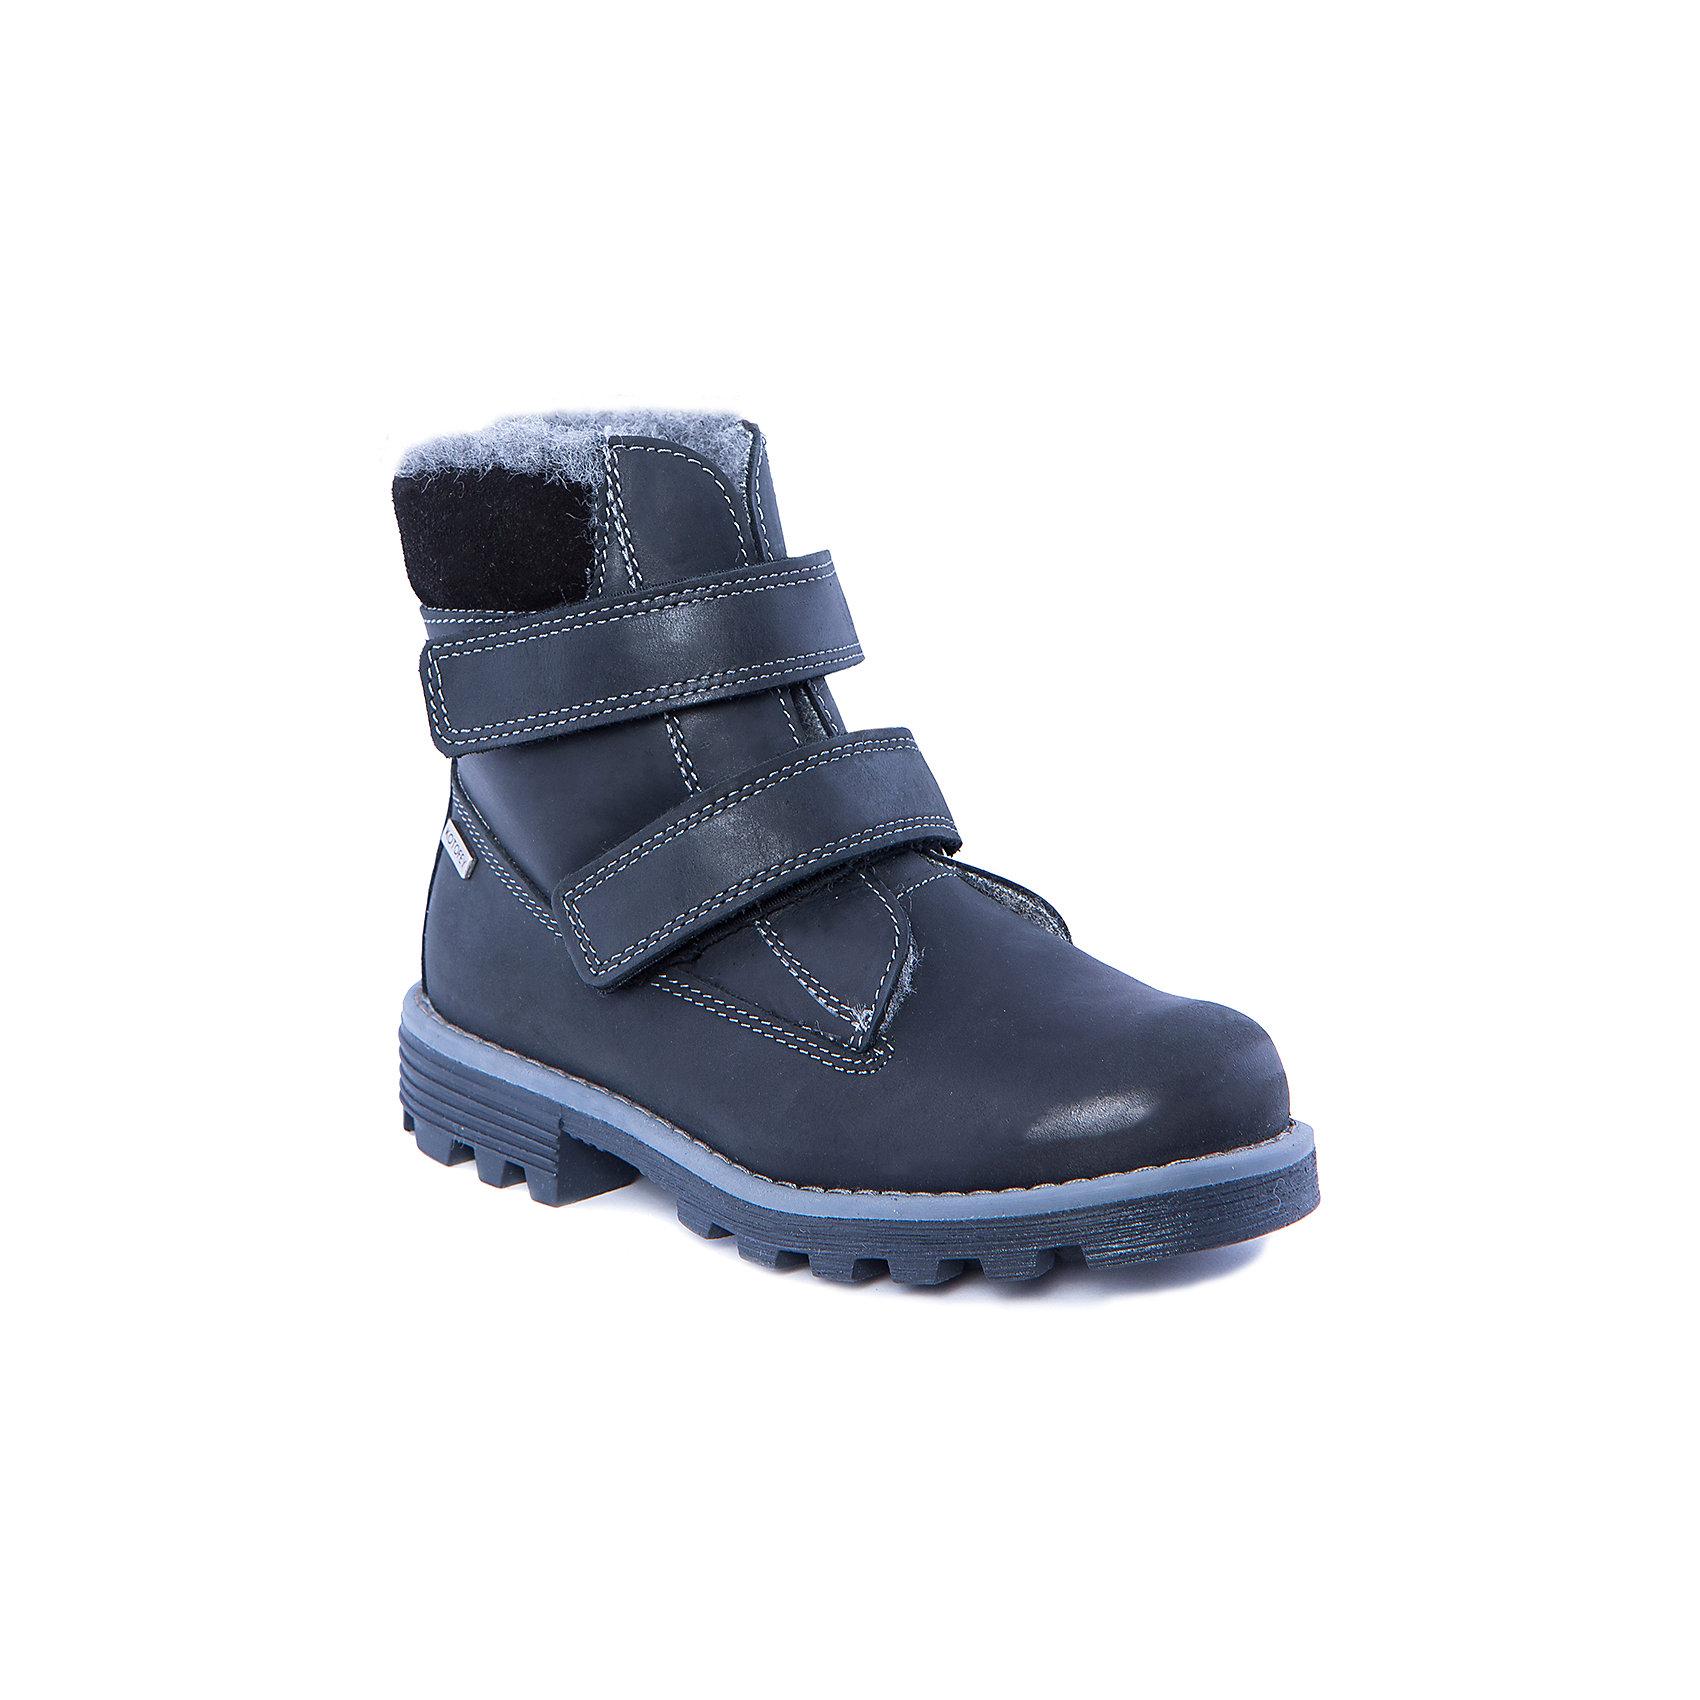 Ботинки для мальчика КотофейБотинки<br>Ботинки для мальчика от известного российского бренда Котофей<br><br>Теплые модные ботинки помогут защитить детские ножки от сырости и холода. Они легко надеваются, комфортно садятся по ноге.<br><br>Особенности модели: <br><br>- цвет - черный;<br>- голенище полностью закрывает голеностоп;<br>- верх – натуральная кожа;<br>- комфортная колодка;<br>- подкладка утепленная;<br>- вид крепления – клеевой;<br>- контрастная прошивка;<br>- амортизирующая устойчивая подошва;<br>- застежка - липучка.<br><br>Дополнительная информация:<br><br>Температурный режим: <br><br>от 0° С до -25° С<br><br>Состав:<br>верх – натуральная кожа;<br>подкладка - шерстяной мех;<br>подошва - ТЭП.<br><br>Ботинки для мальчика Котофей можно купить в нашем магазине.<br><br>Ширина мм: 262<br>Глубина мм: 176<br>Высота мм: 97<br>Вес г: 427<br>Цвет: черный<br>Возраст от месяцев: 96<br>Возраст до месяцев: 108<br>Пол: Мужской<br>Возраст: Детский<br>Размер: 32,37,36,35,34,33<br>SKU: 4315334